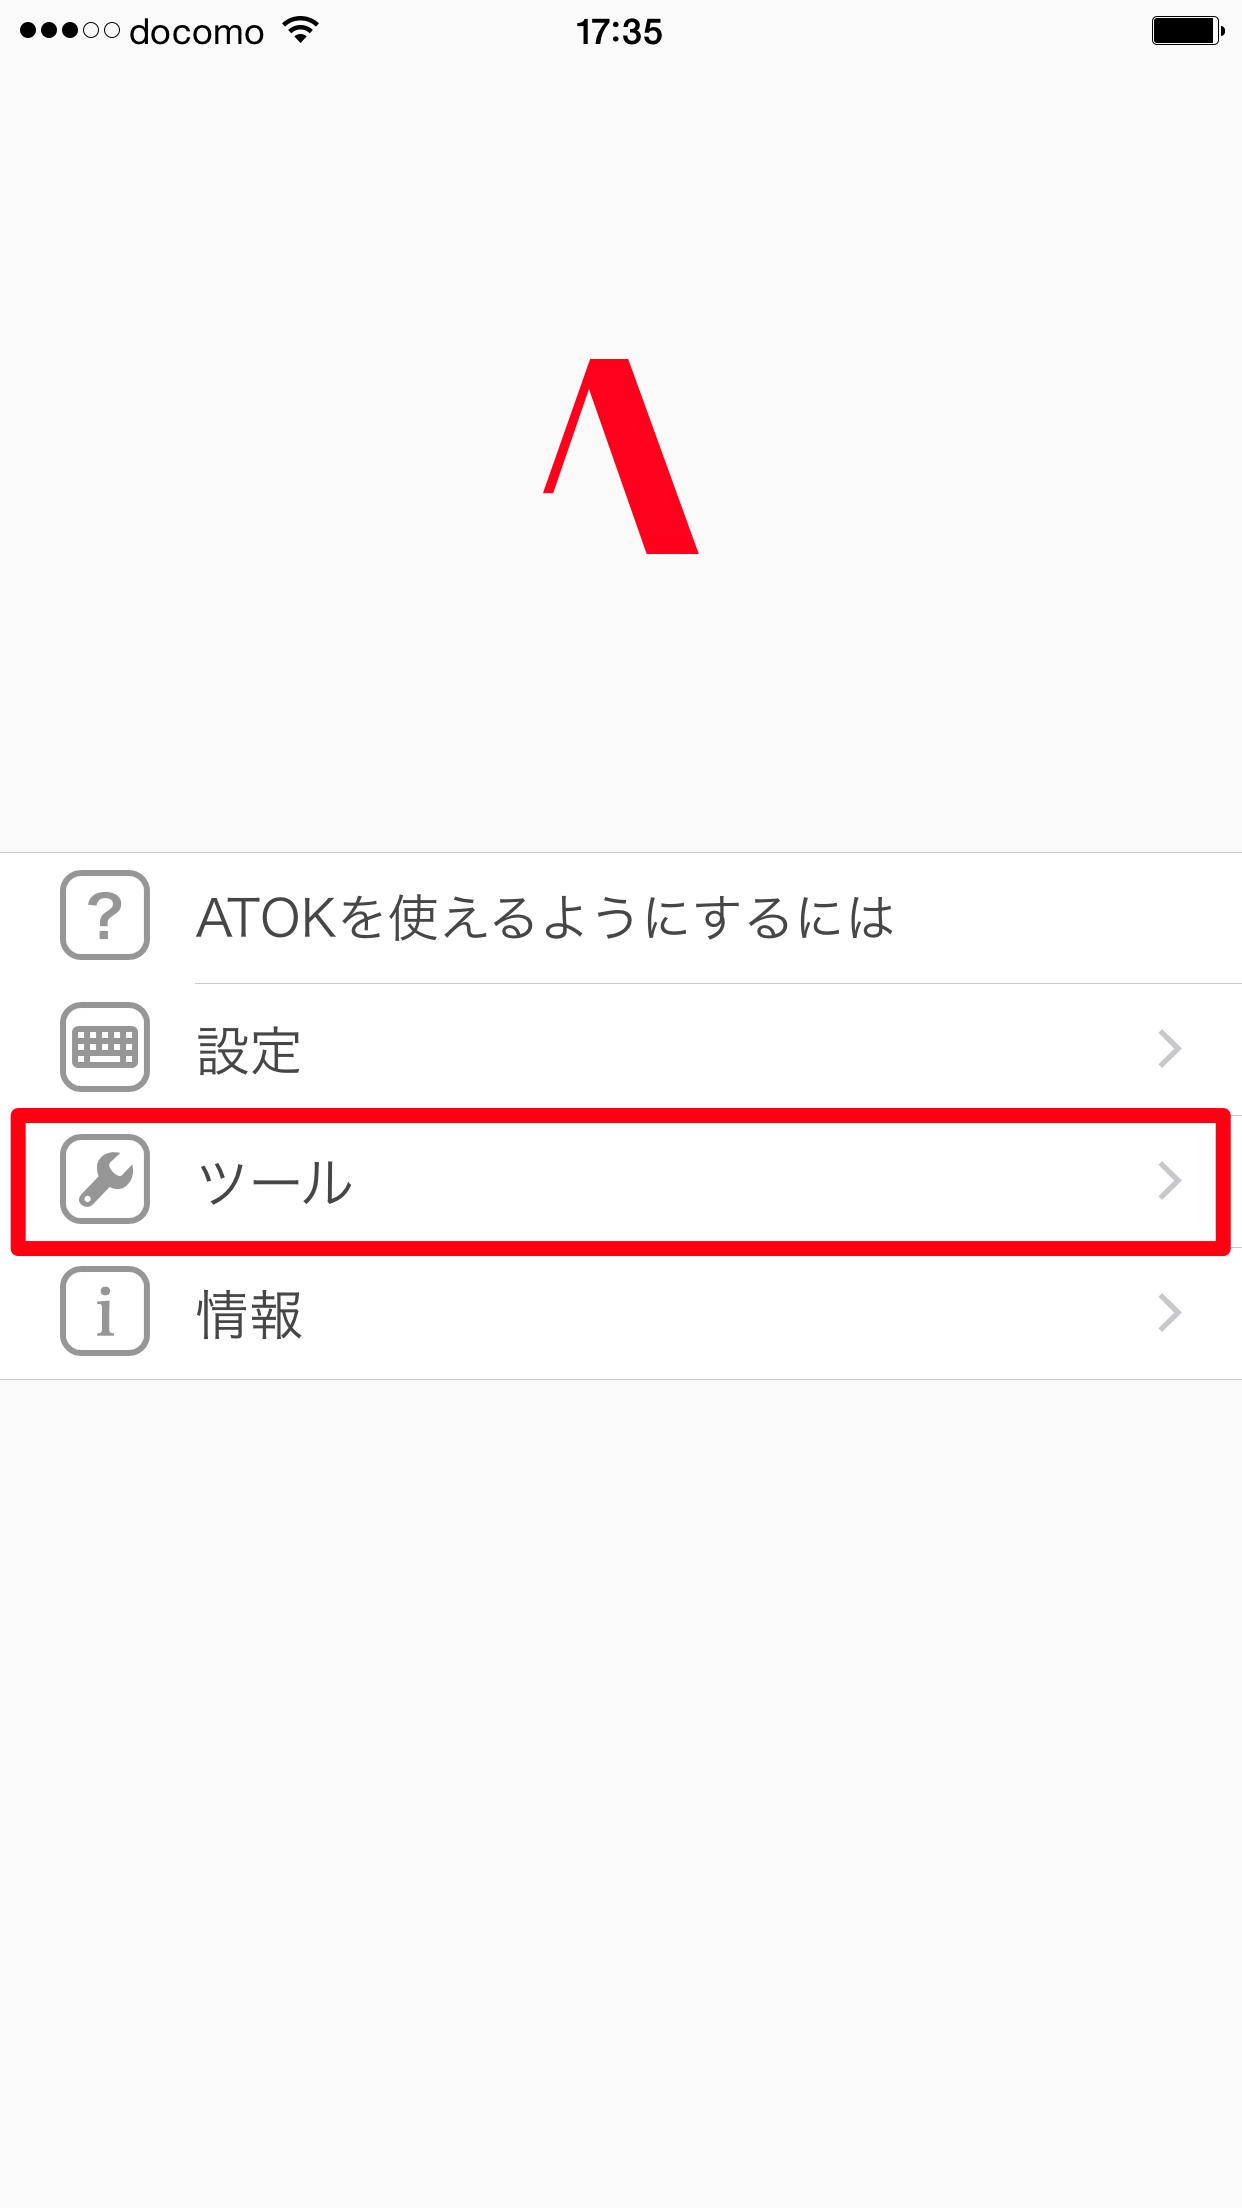 [ATOK]アプリの[ツール]画面を表示する